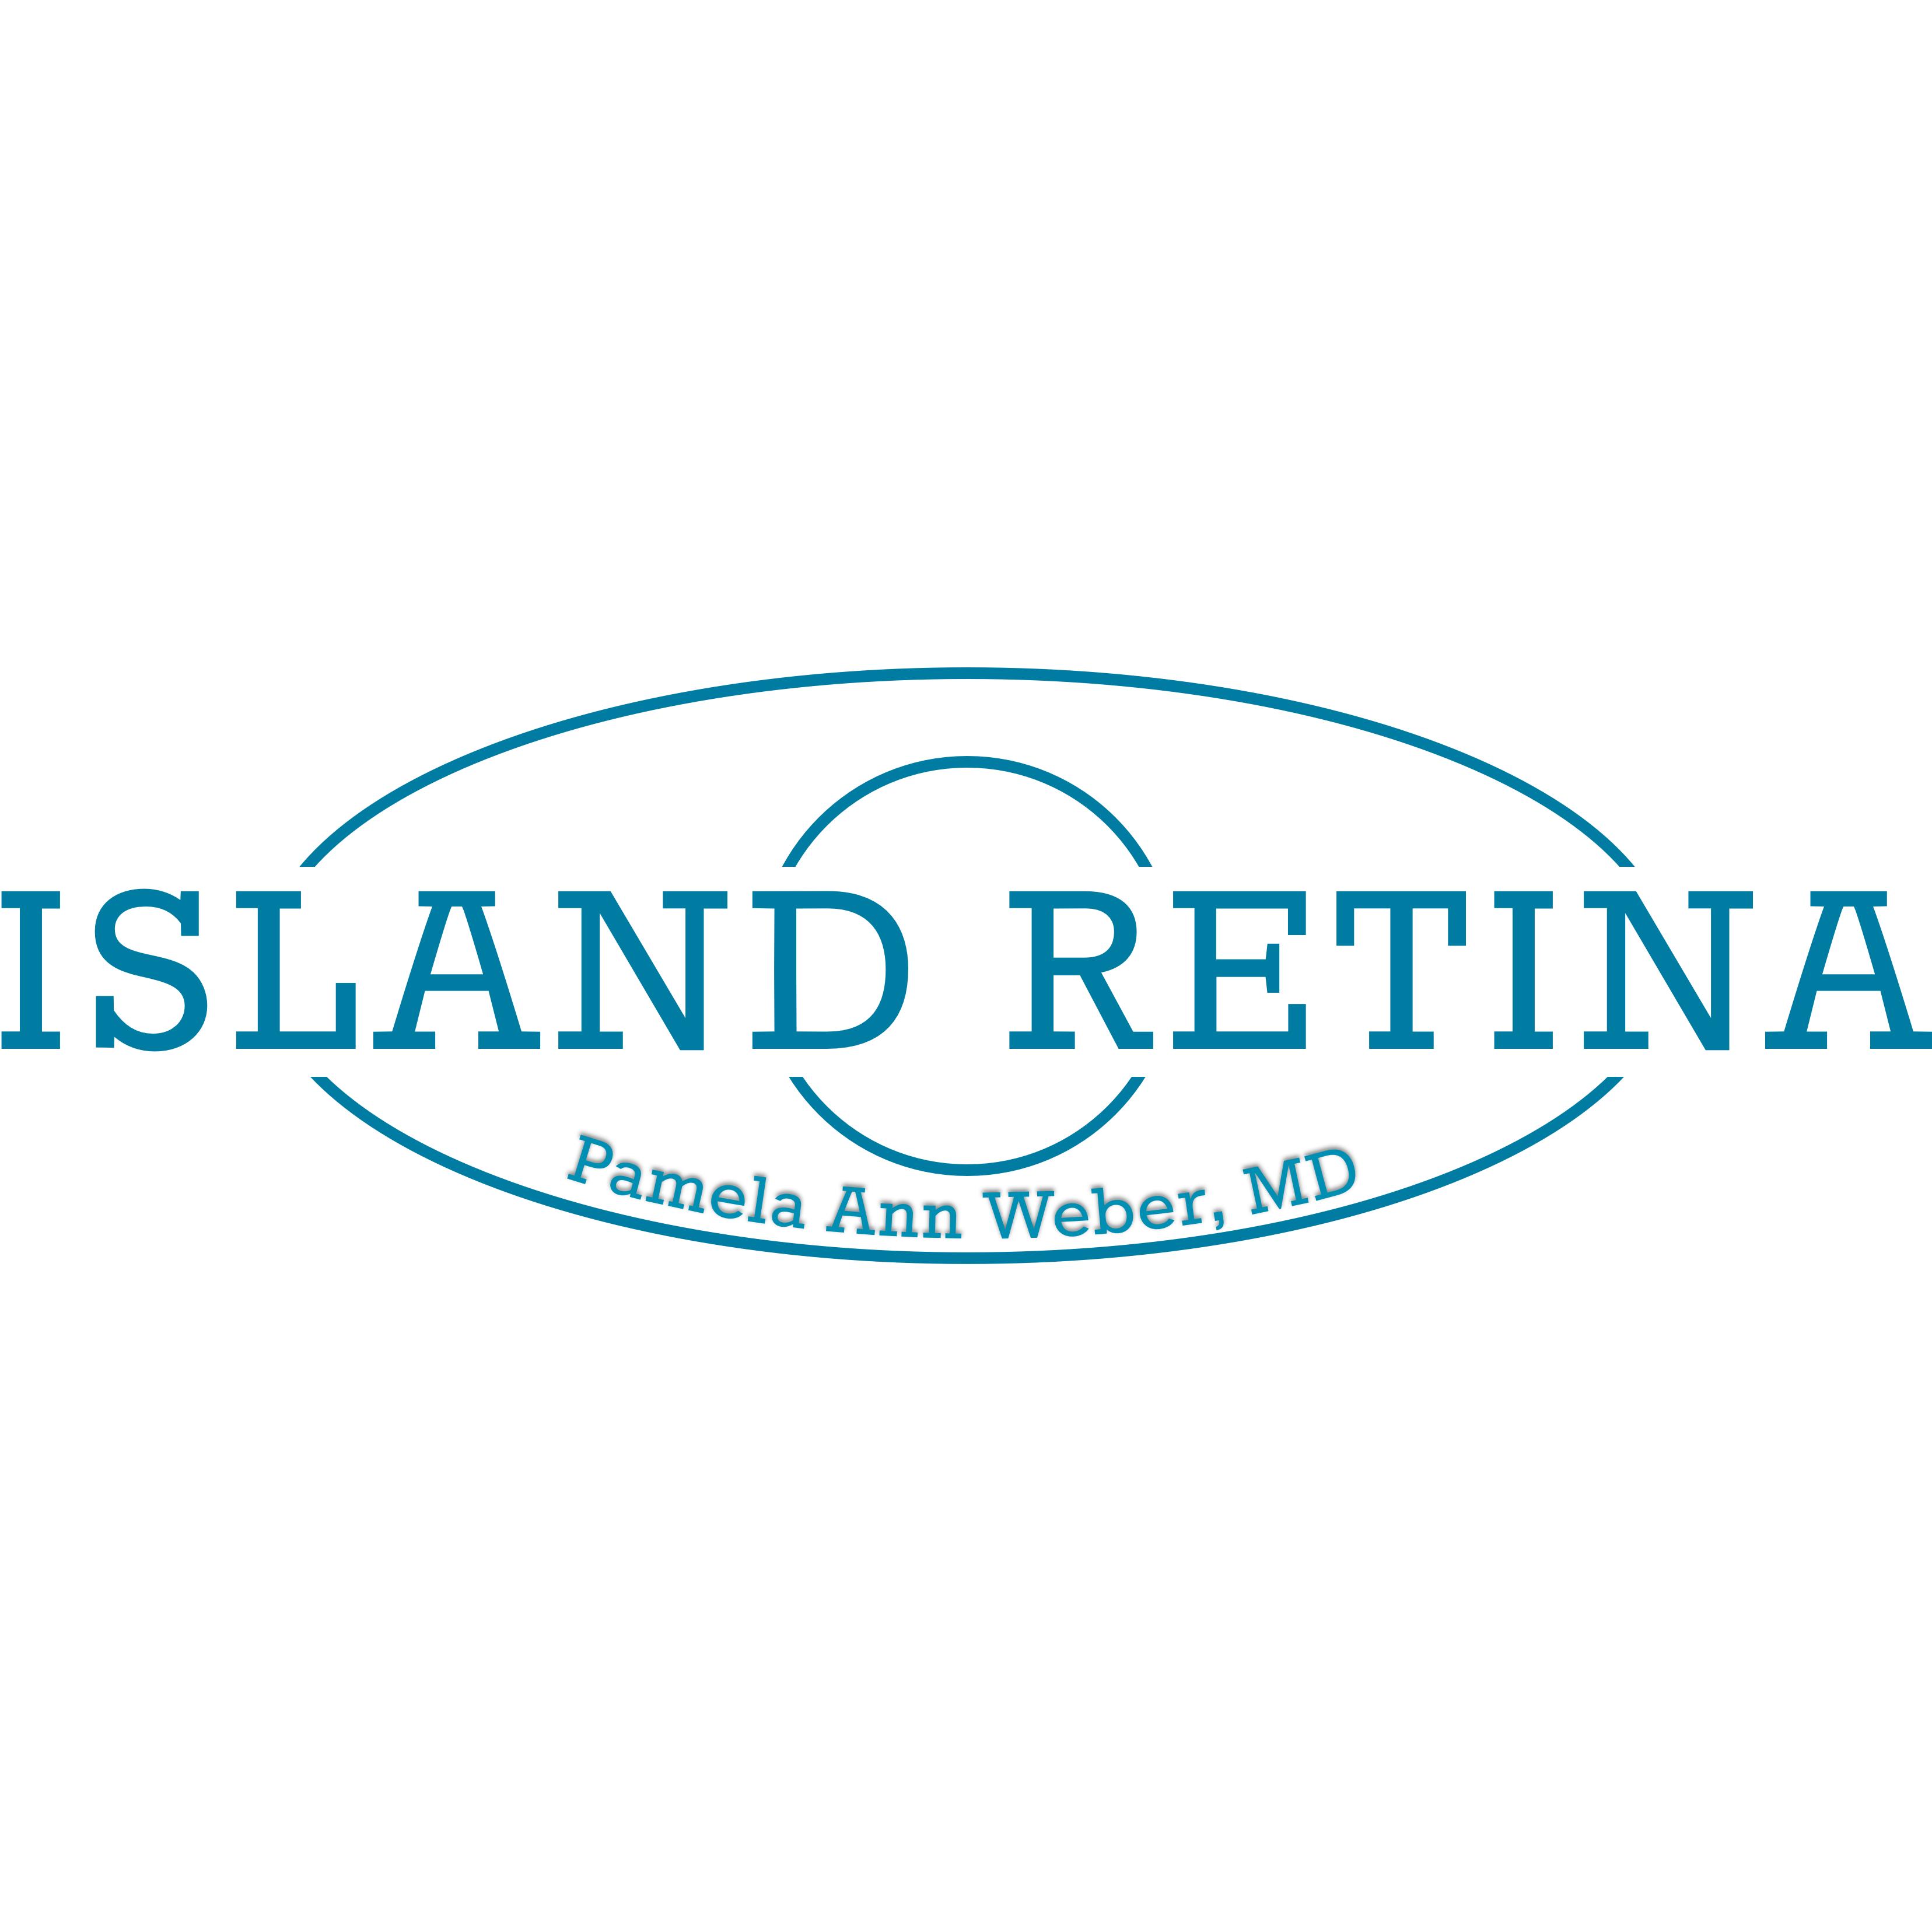 Island Retina